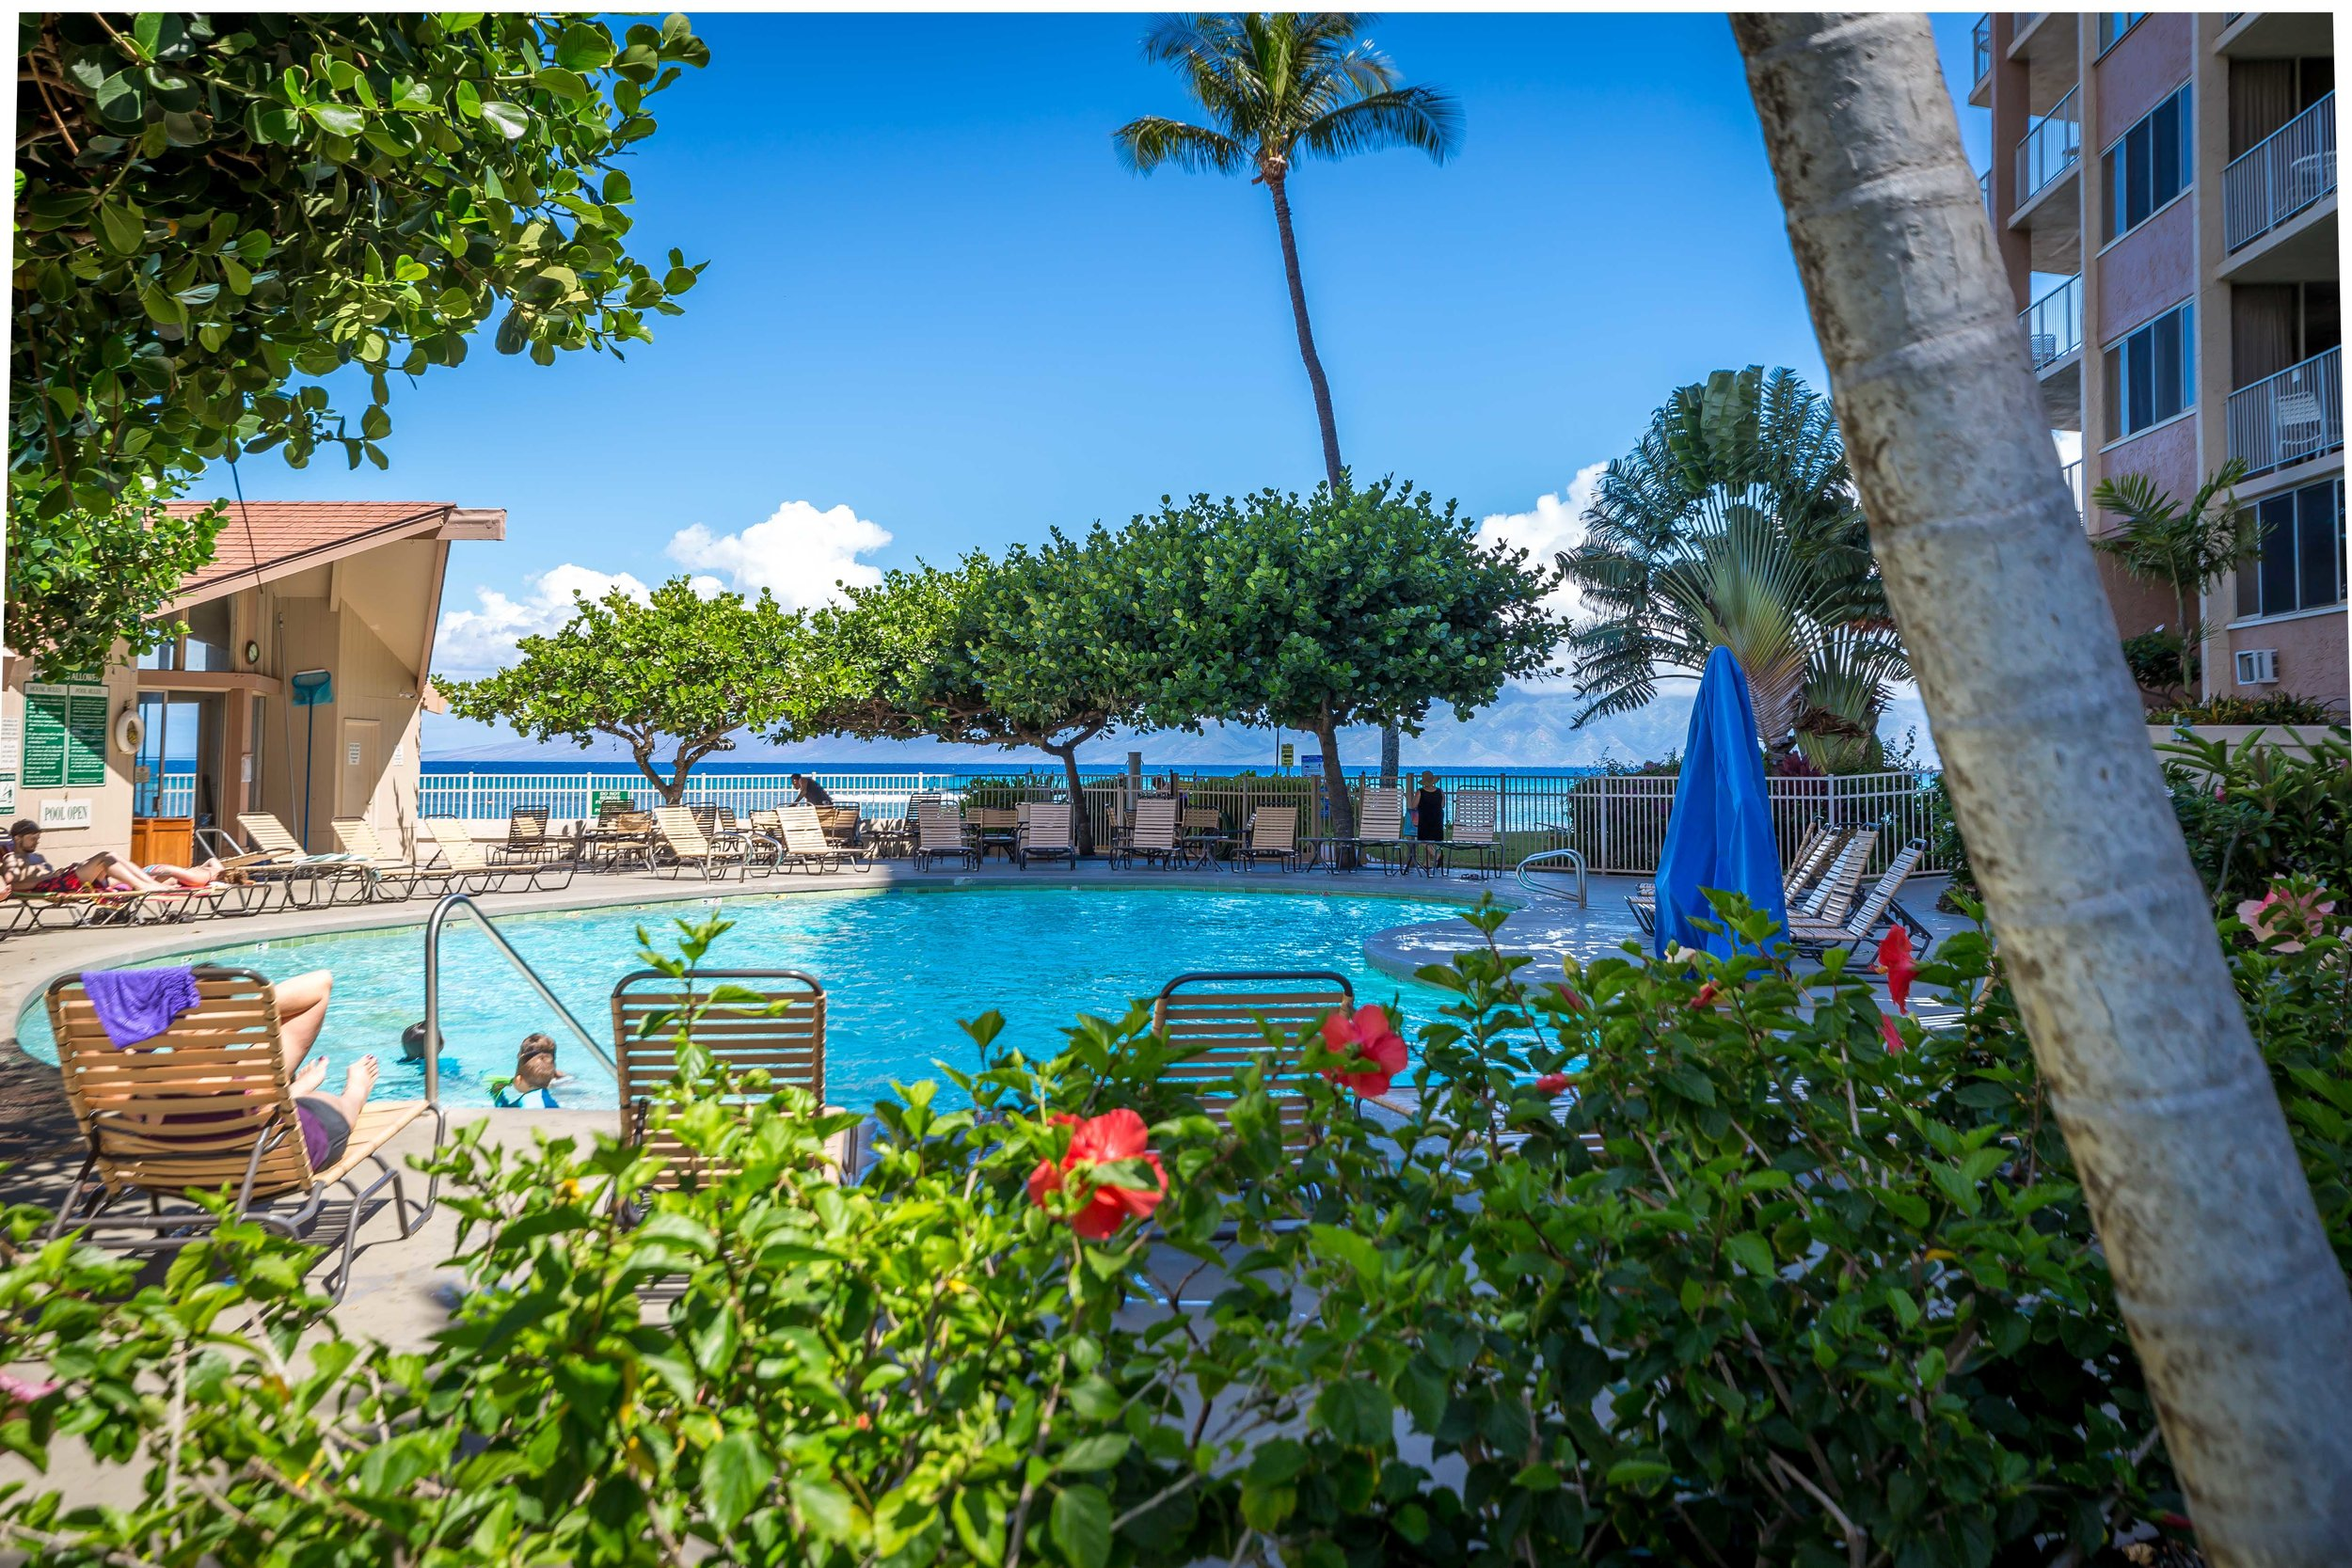 Royal-Kahana-Property-pool-B.jpg